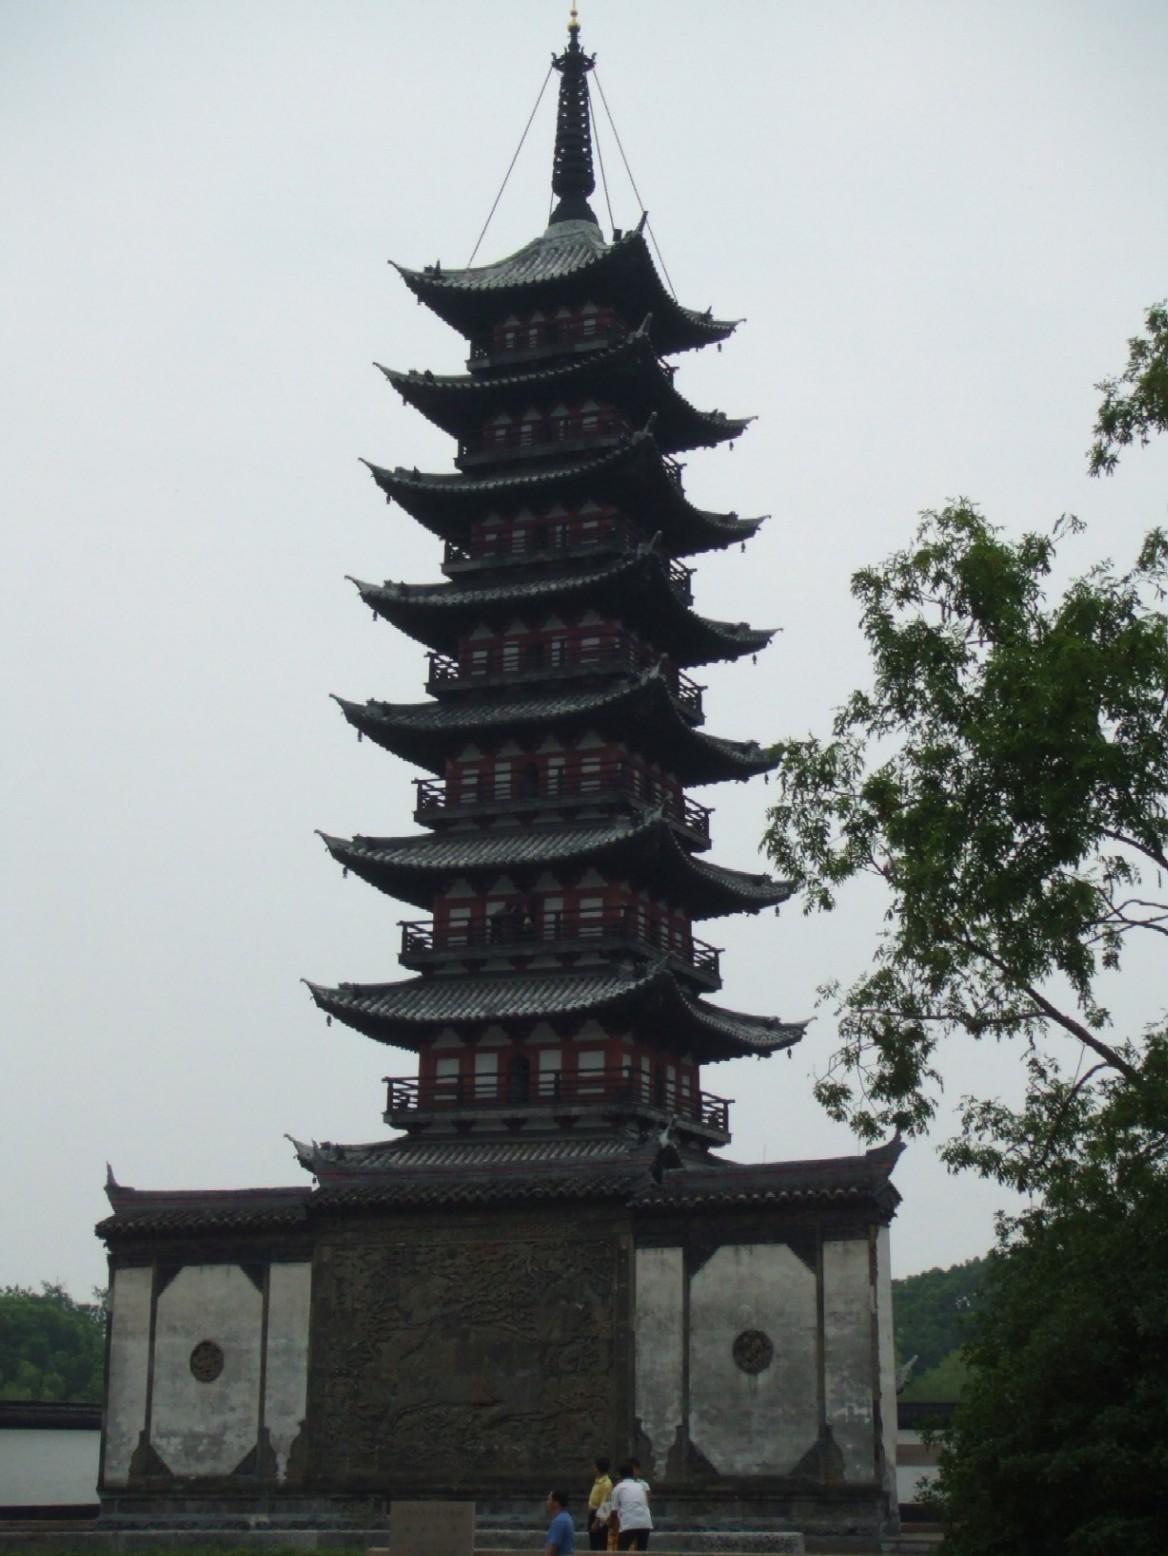 上海松江方塔; 常熟方塔公園; 松江